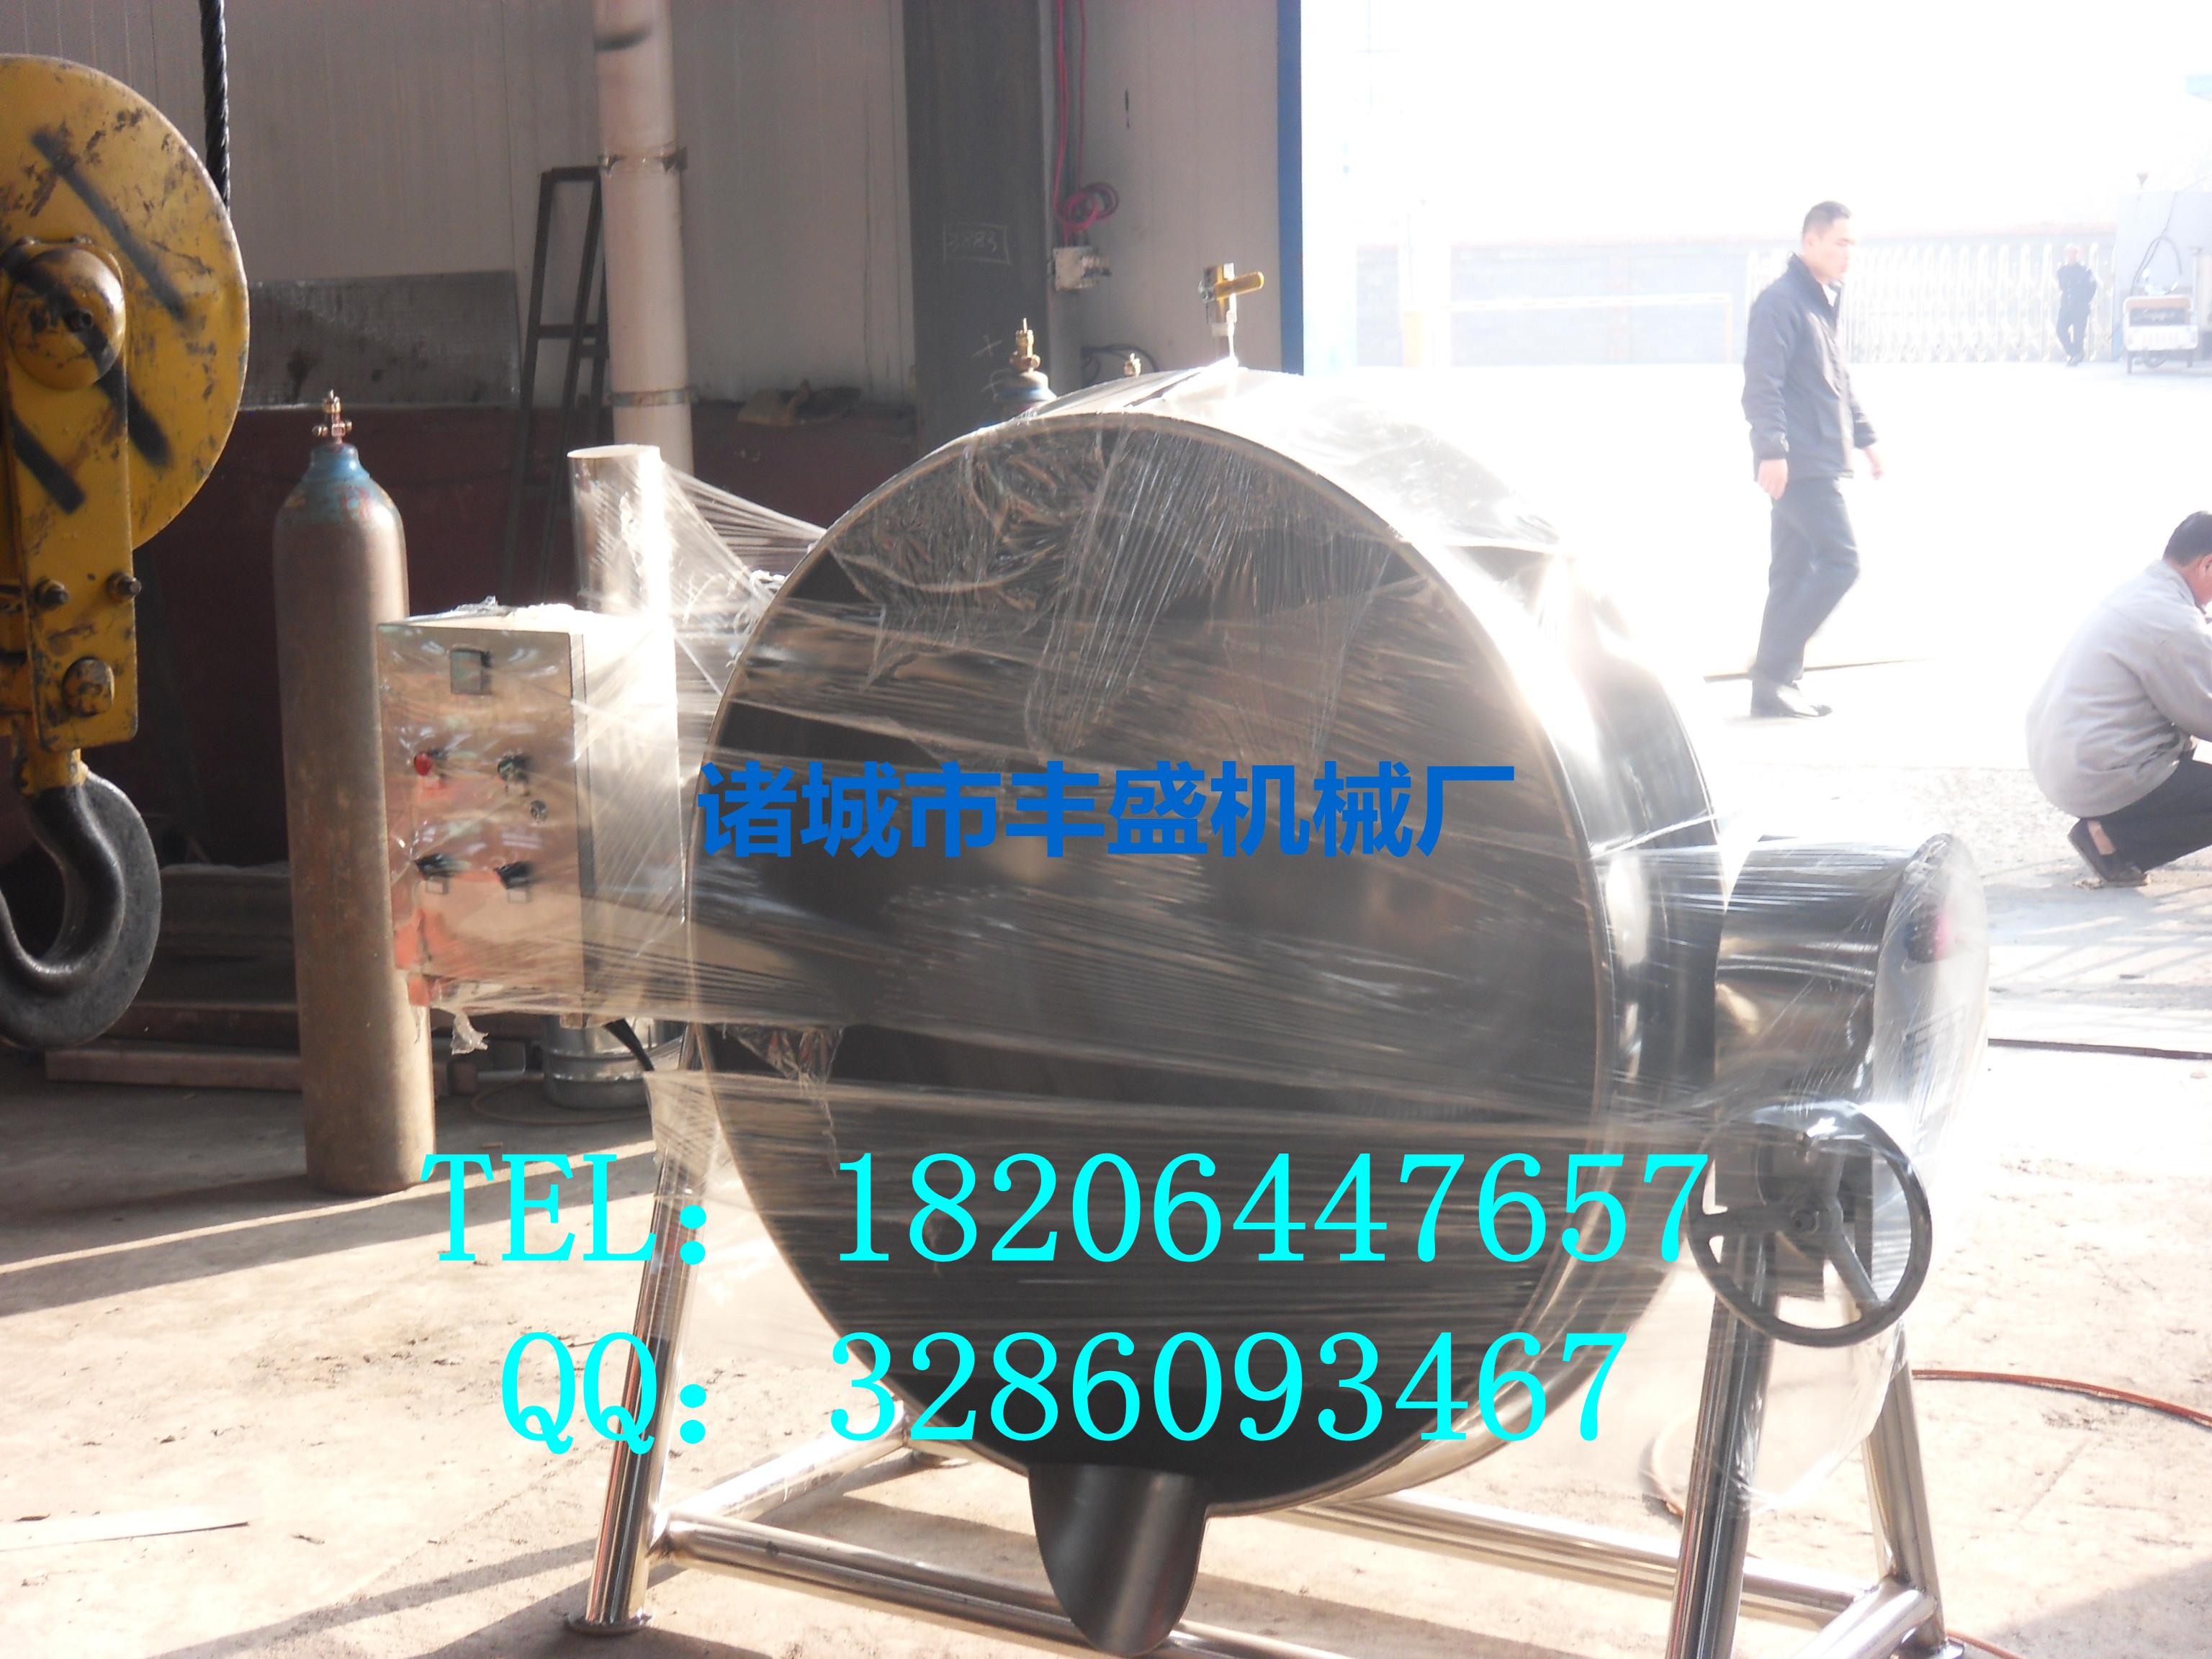 供应可倾式蒸汽夹层锅 导热油夹层锅 夹层锅批发